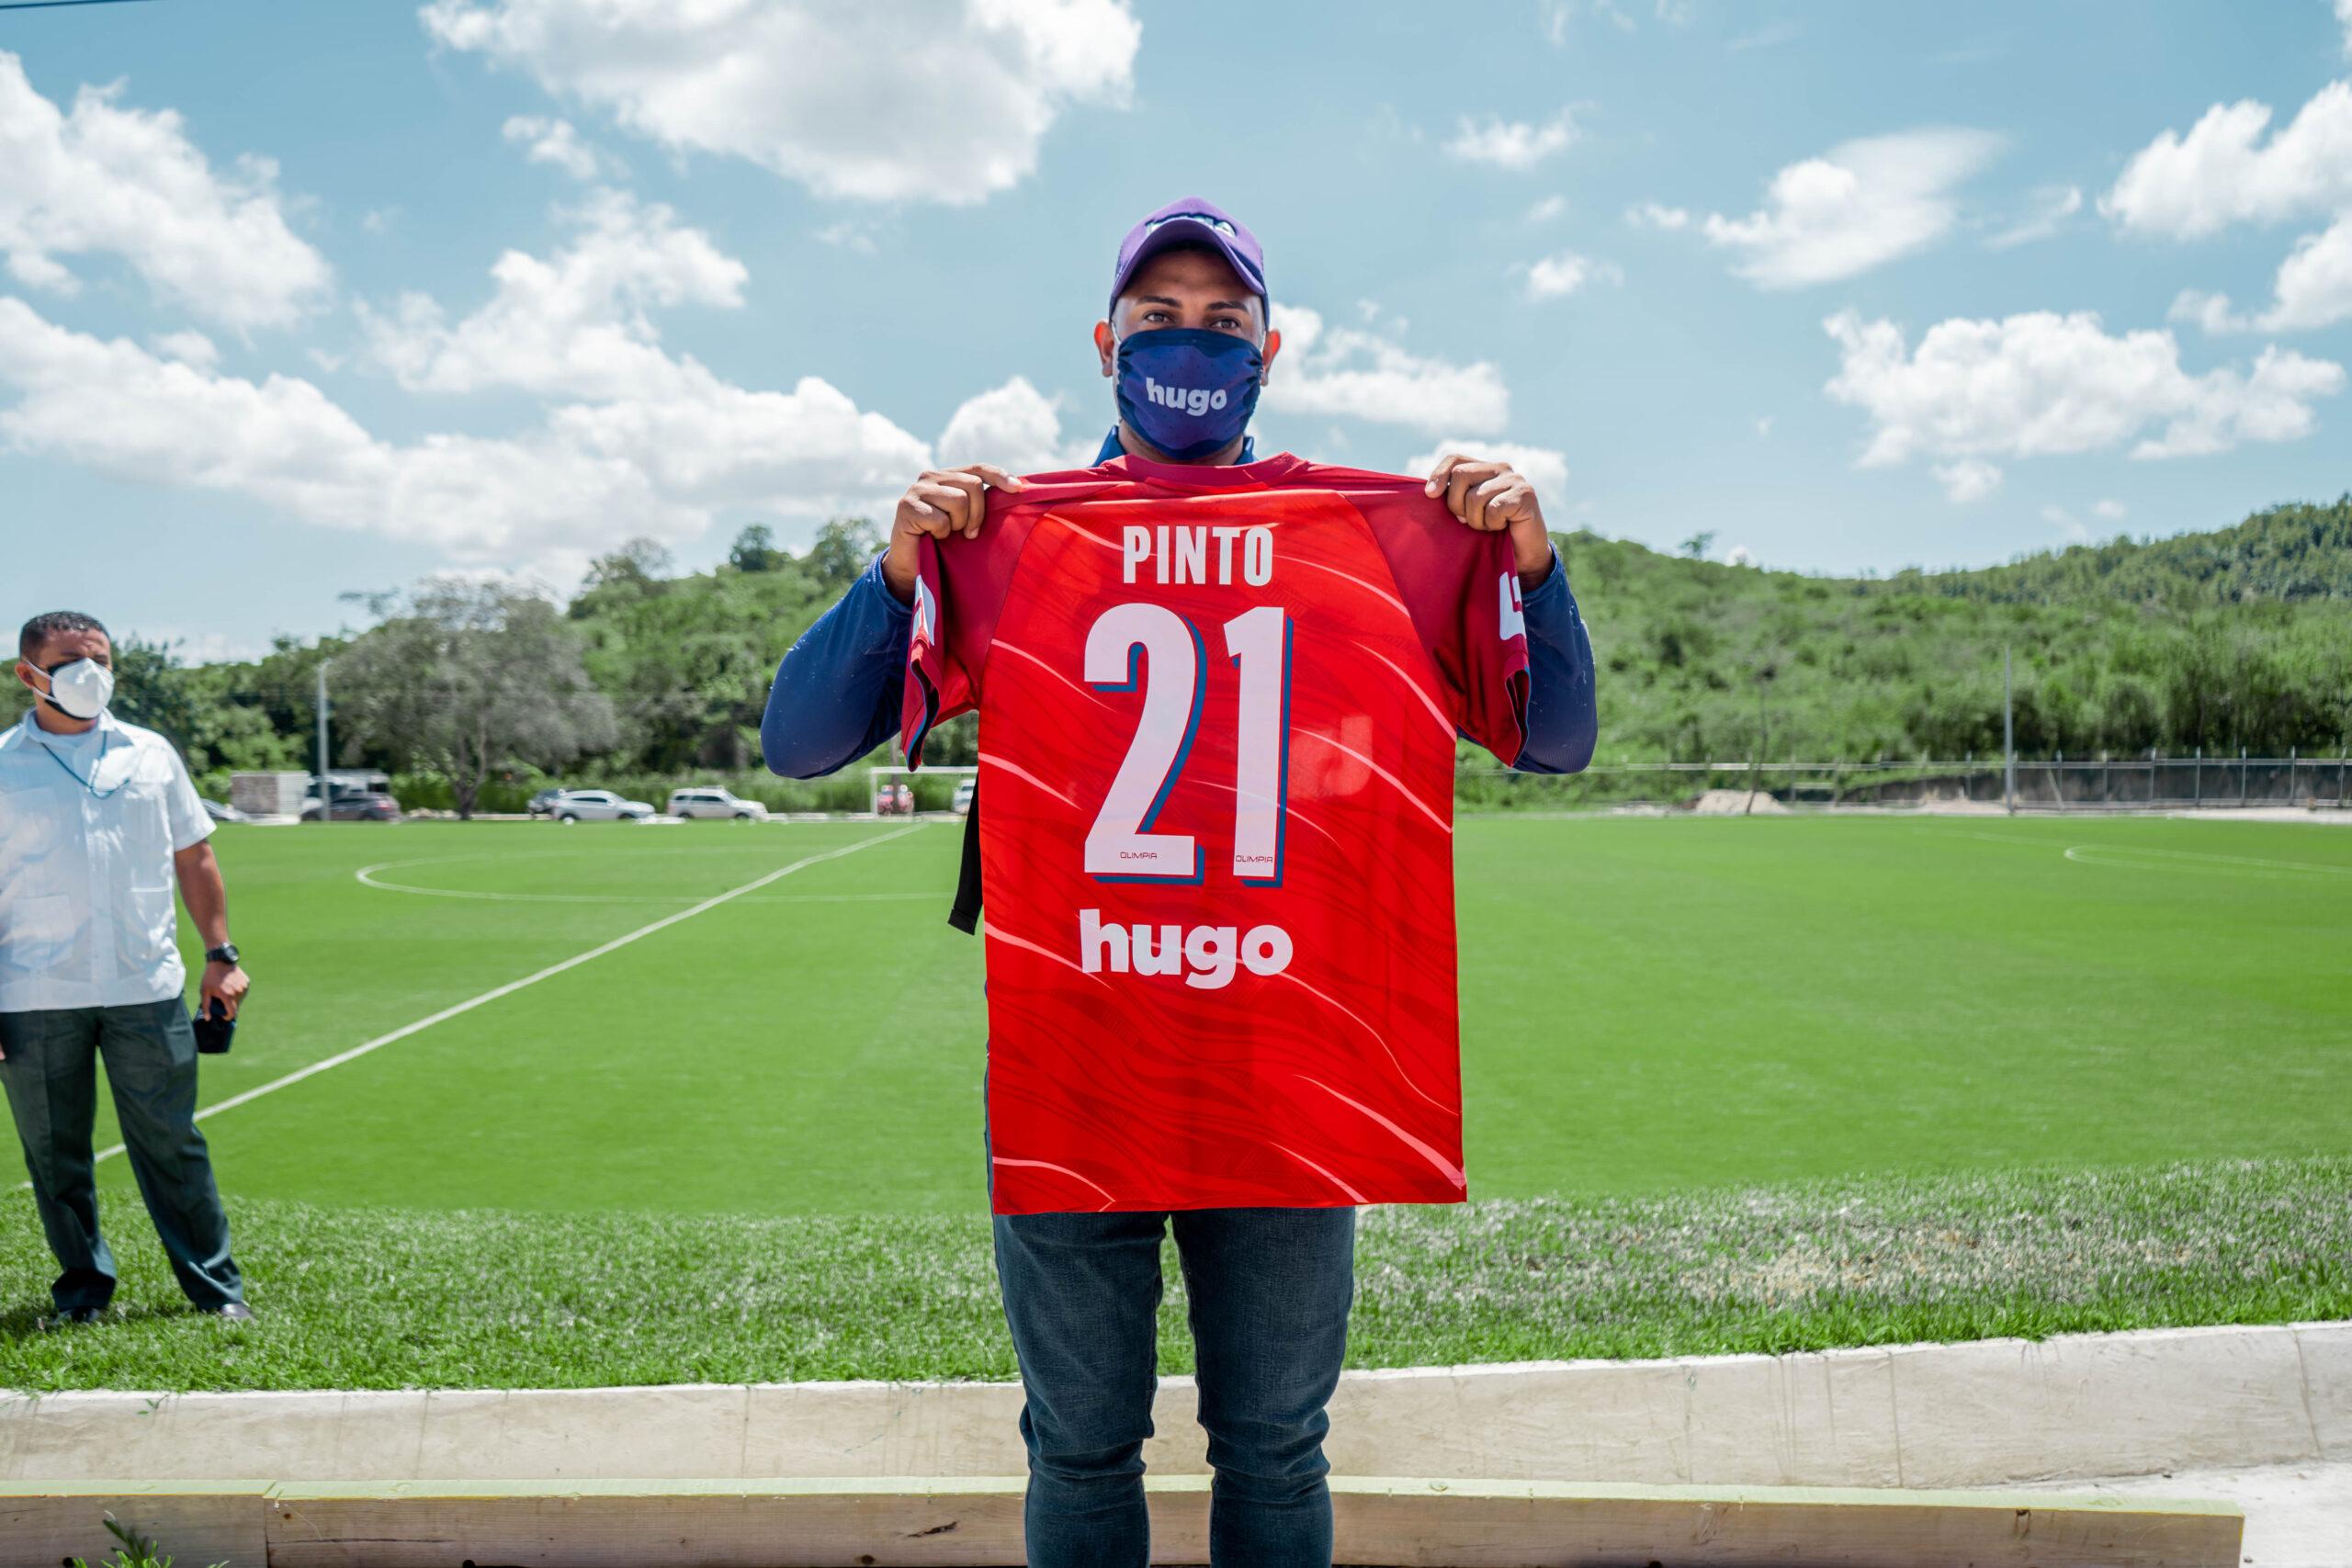 ¡Bienvenido Hugo!